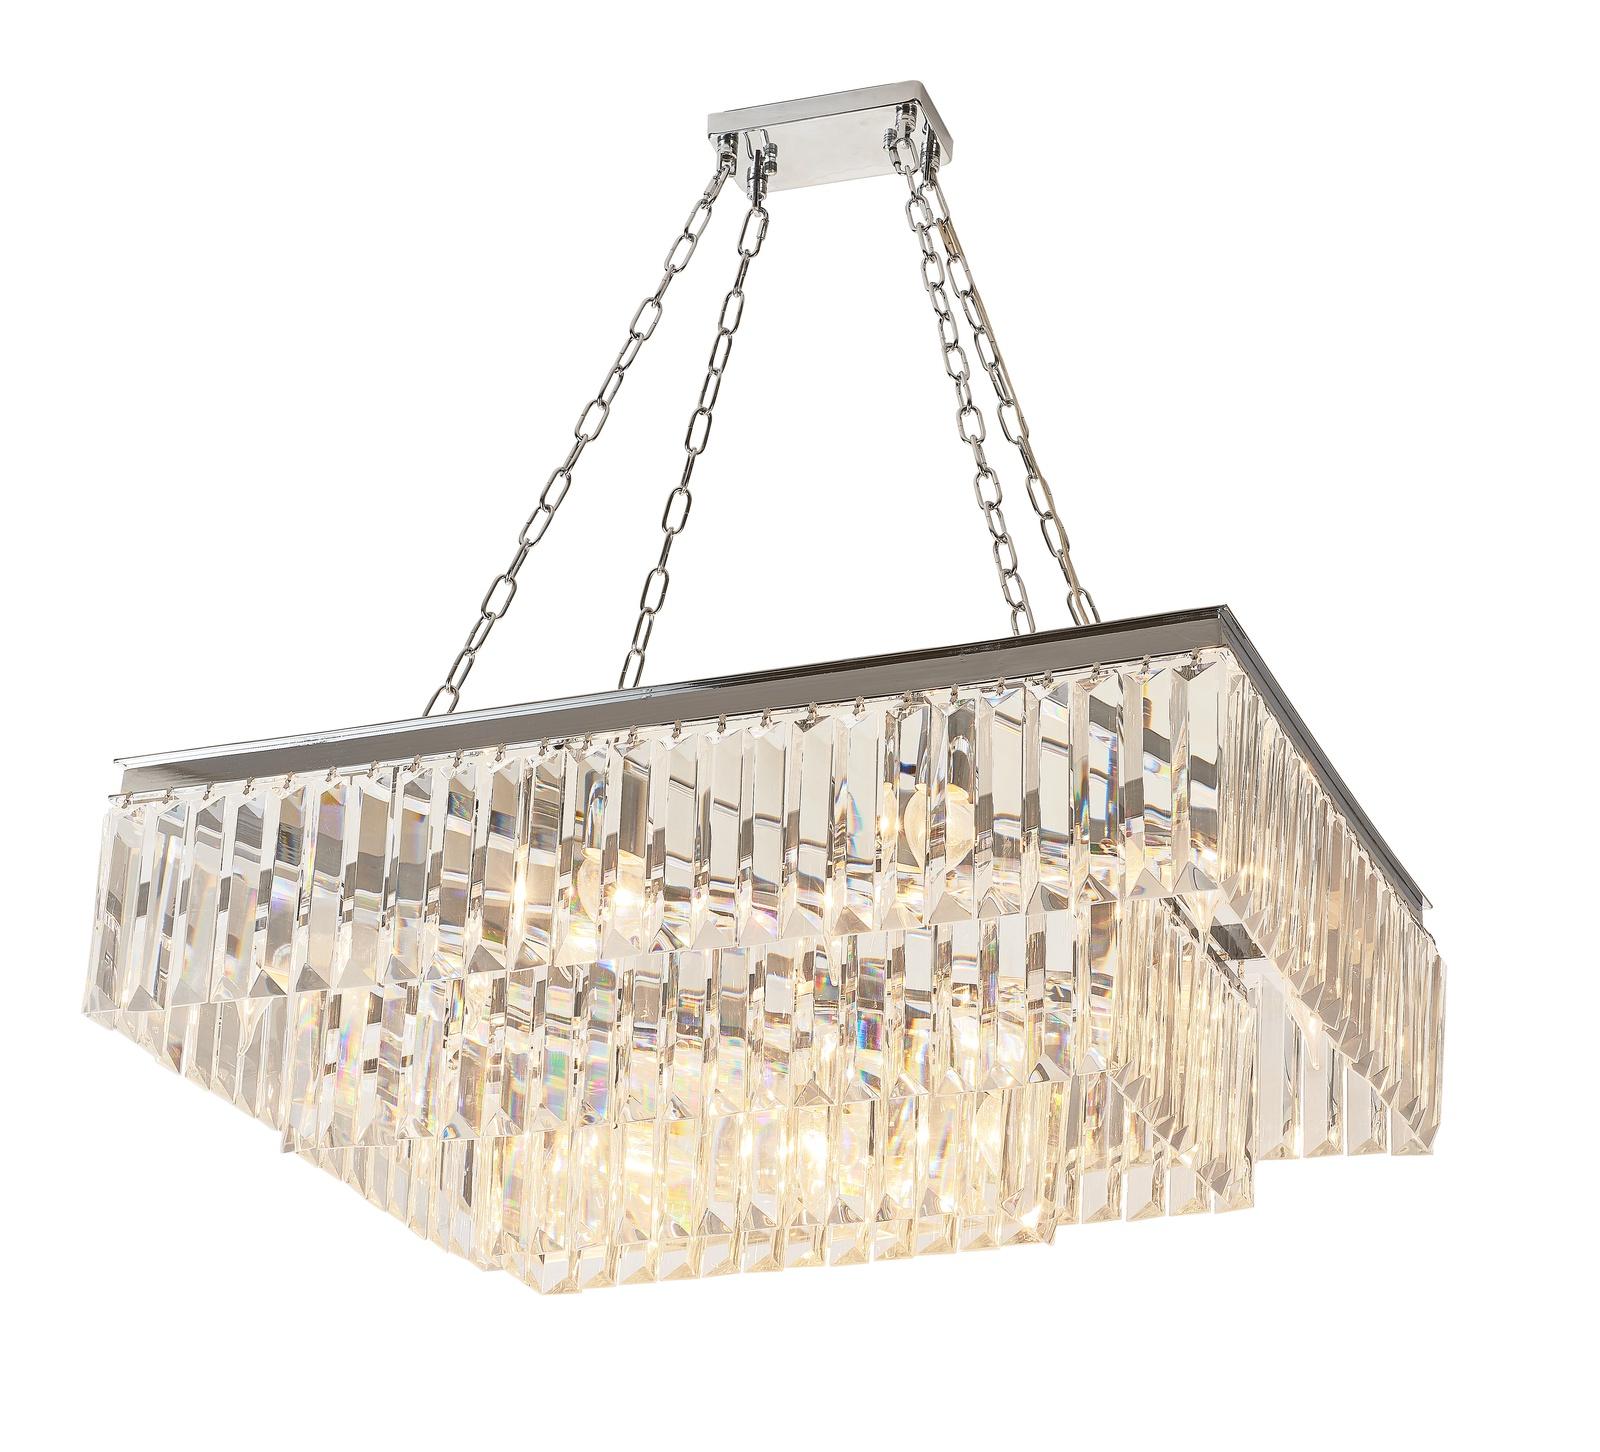 Подвесной светильник Divinare 3001/02 SP-15, серый металлик подвесной светильник divinare 1157 01 sp 2 серый металлик